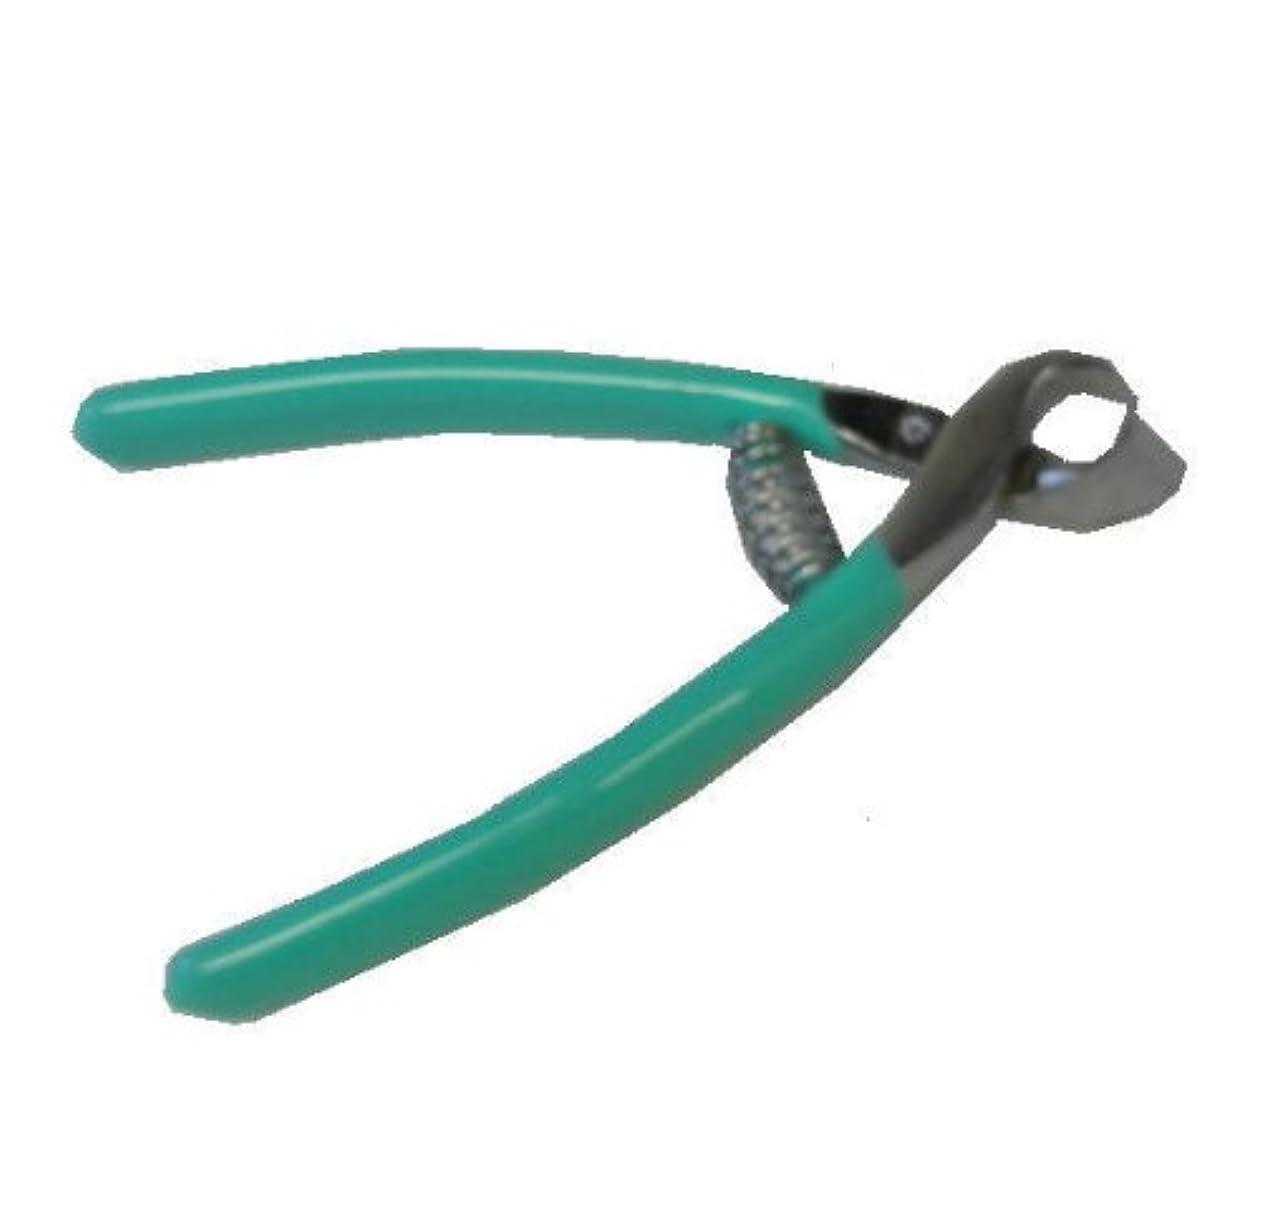 予想する買うマーチャンダイジングフルサワの介護用爪切り 斜刃 グリーン